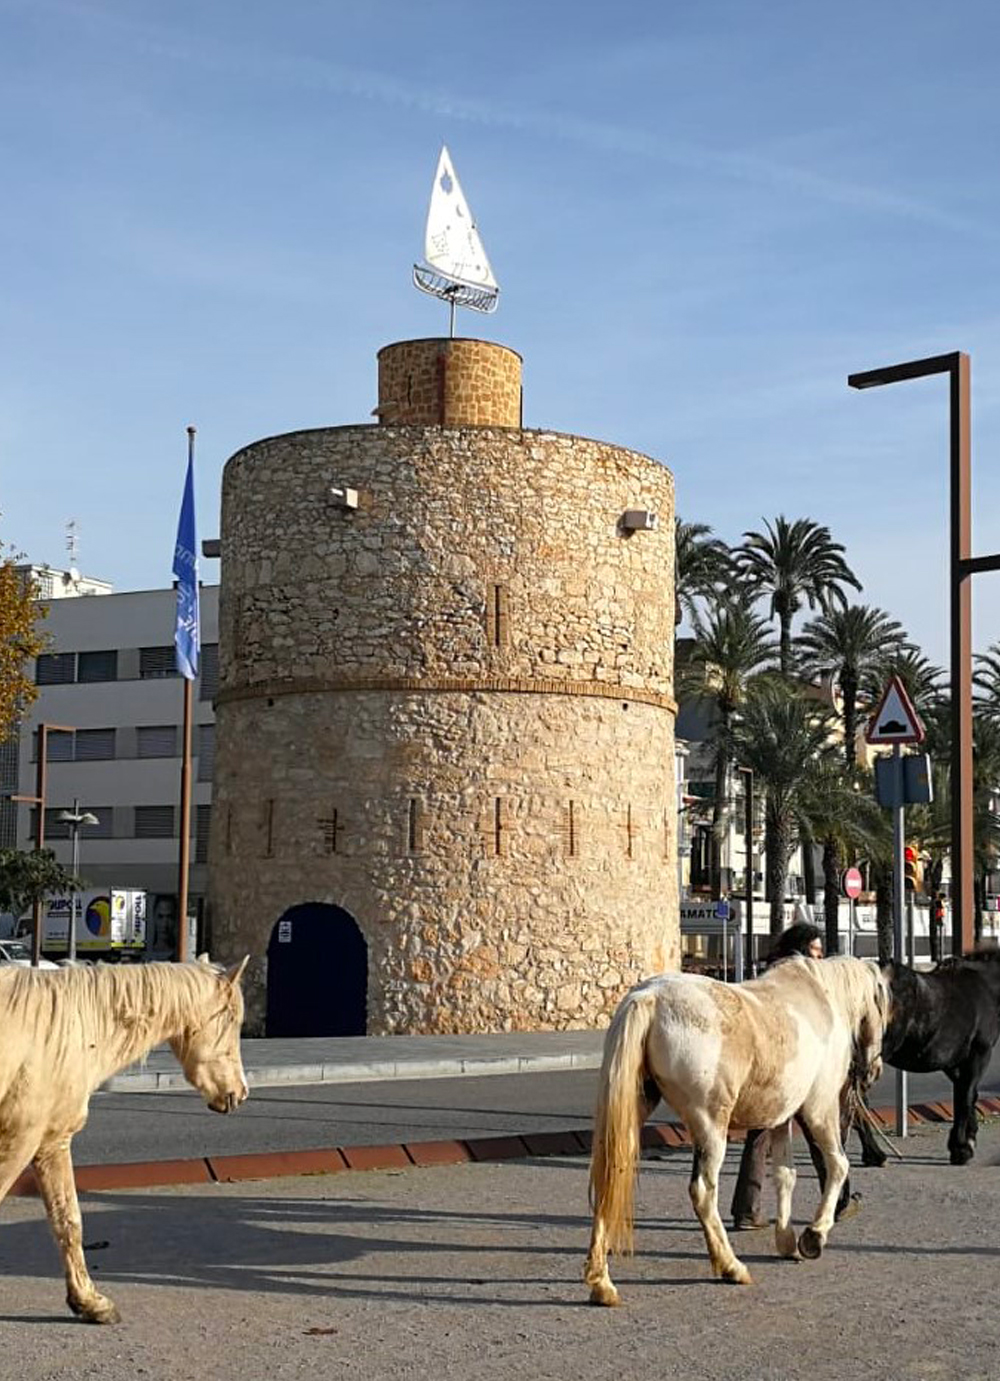 Torre-Blava-©-Ajuntament-de-Vilanova-i-la-Geltrú